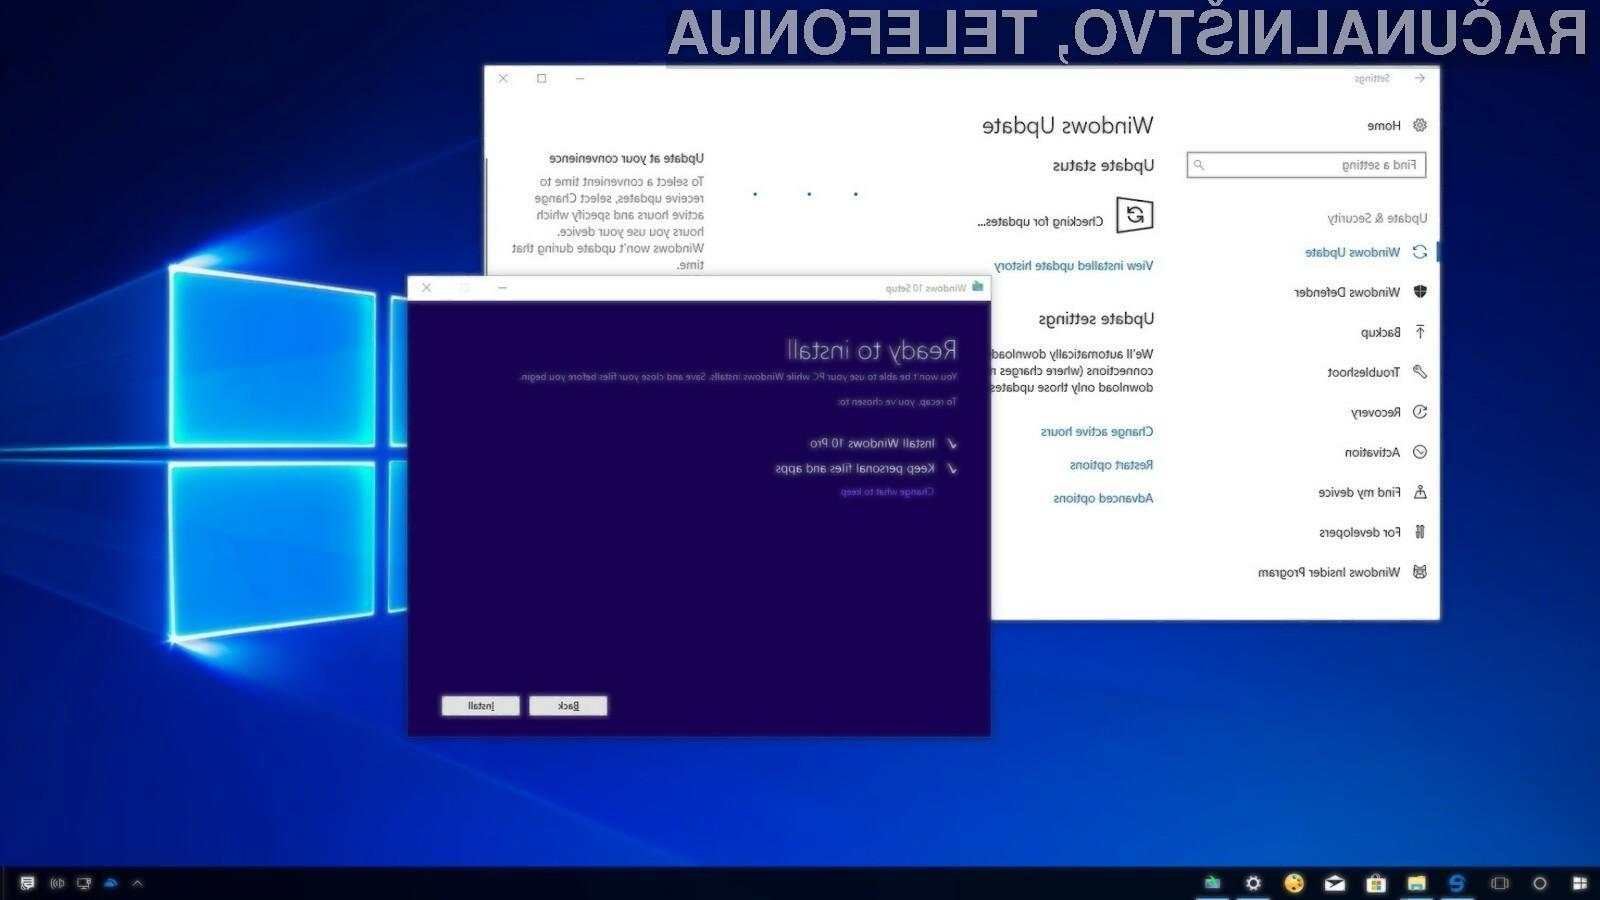 Operacijski sistem Windows 10 naj bi bil že leta 2020 nameščen na kar milijardi aktivnih naprav.